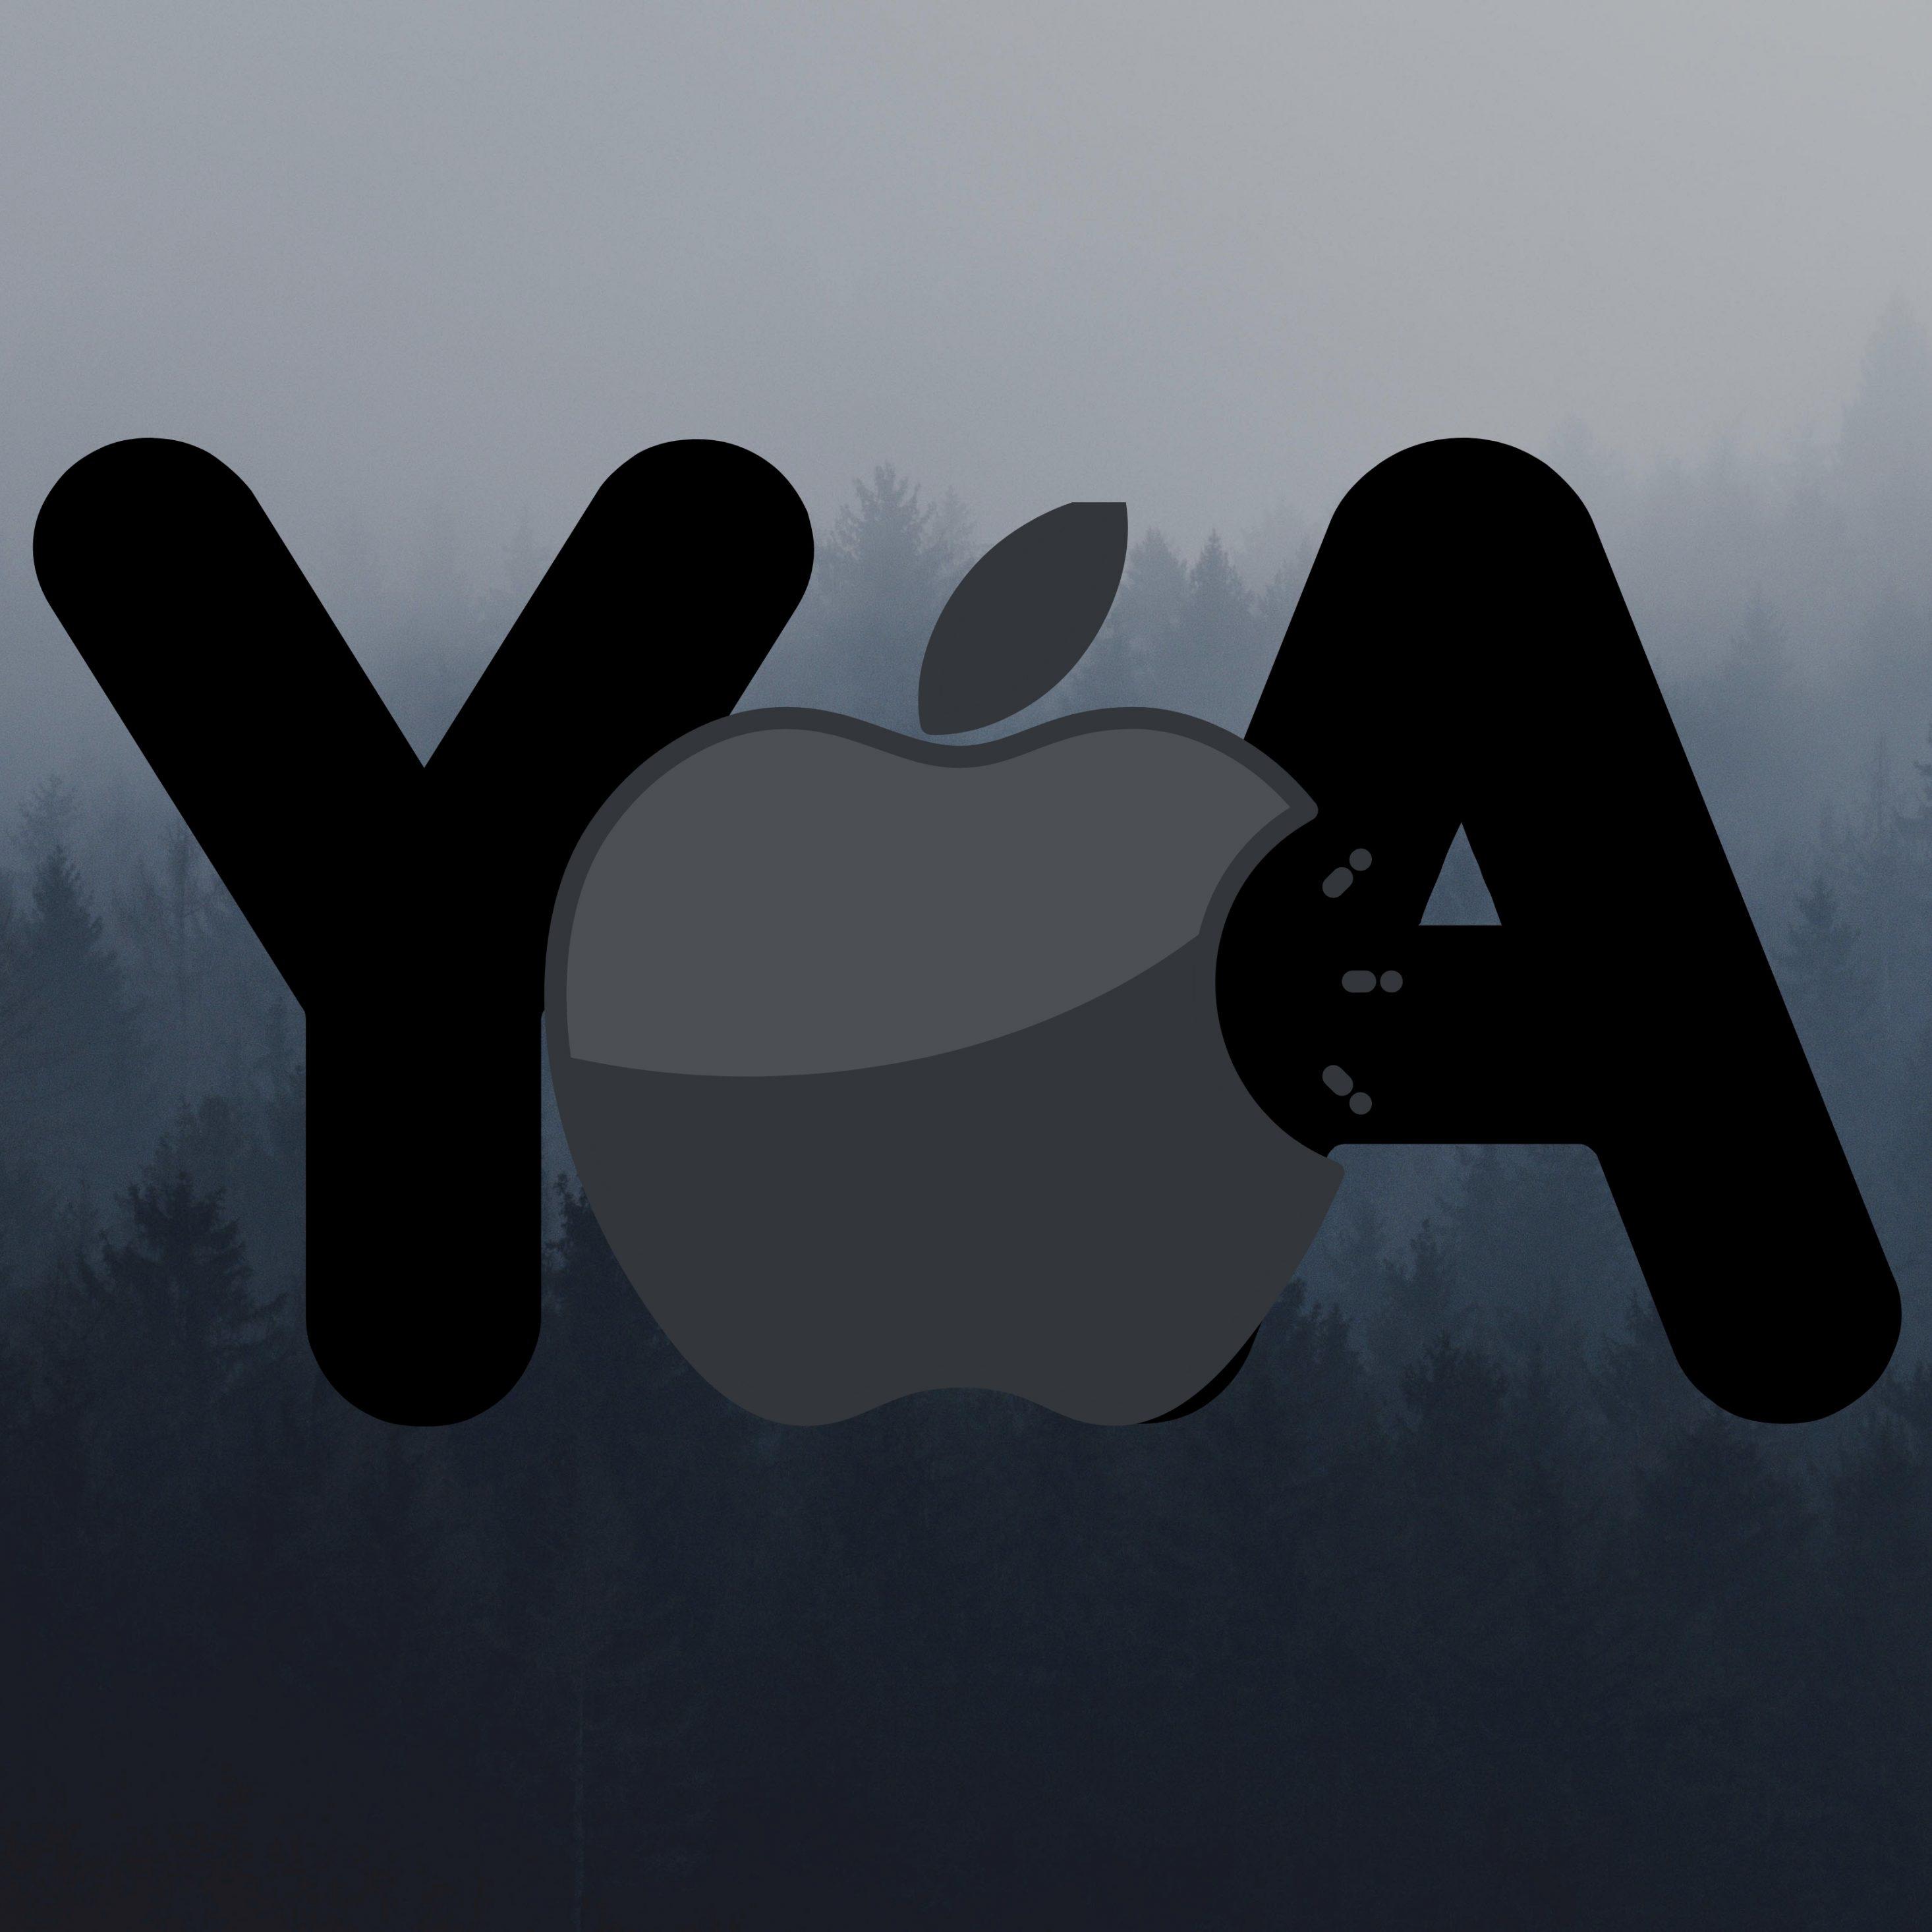 2932x2932 iPad Pro wallpaper 4k Apple Logo Ya Grey Background iPad Wallpaper 2932x2932 pixels resolution